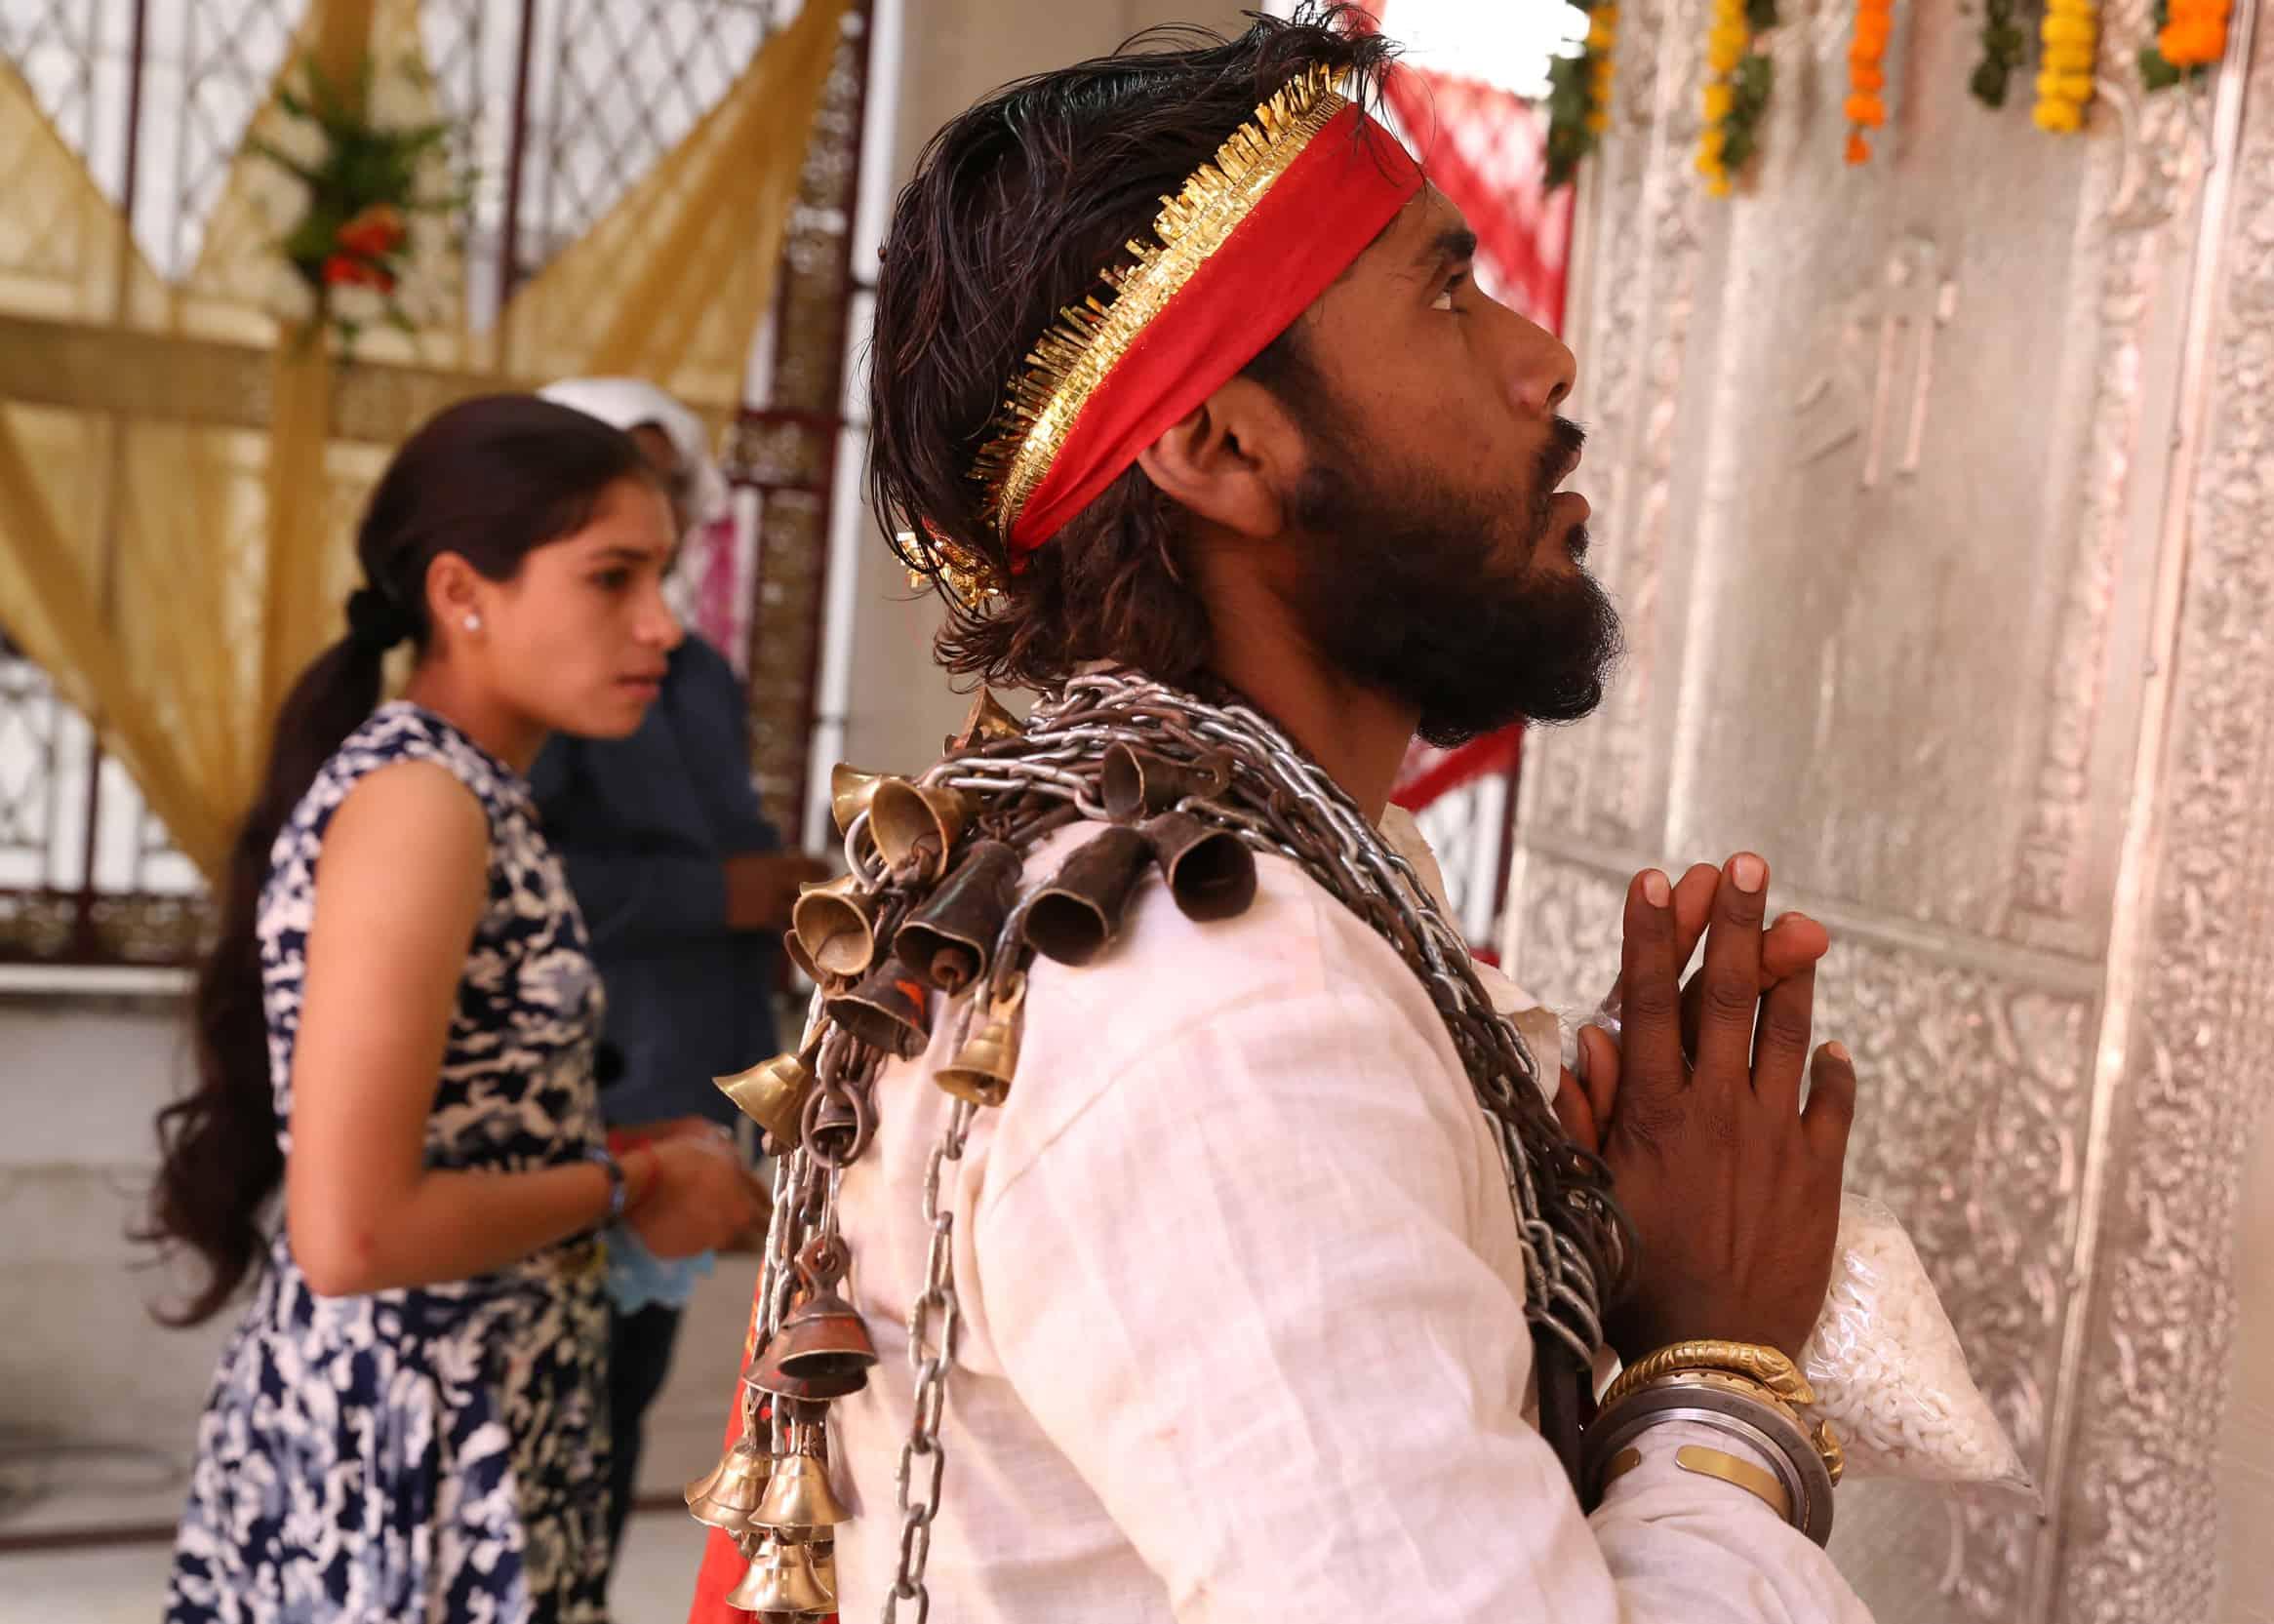 Un lieu indien les mains ensemble en priant.